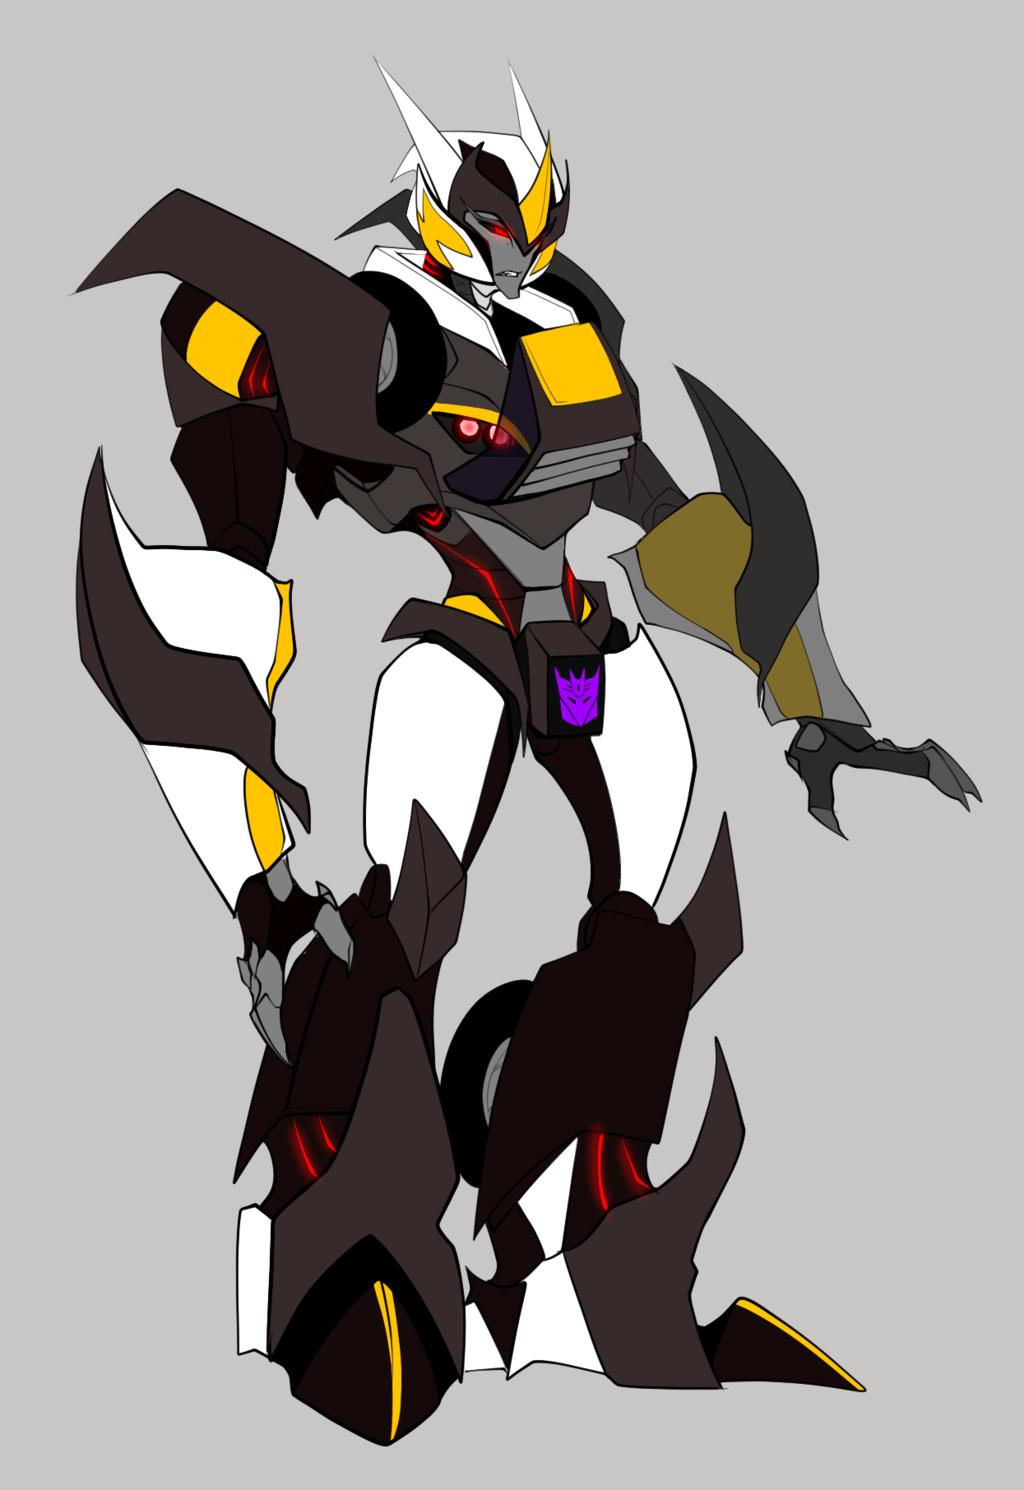 [TF:Prime] Deadlock